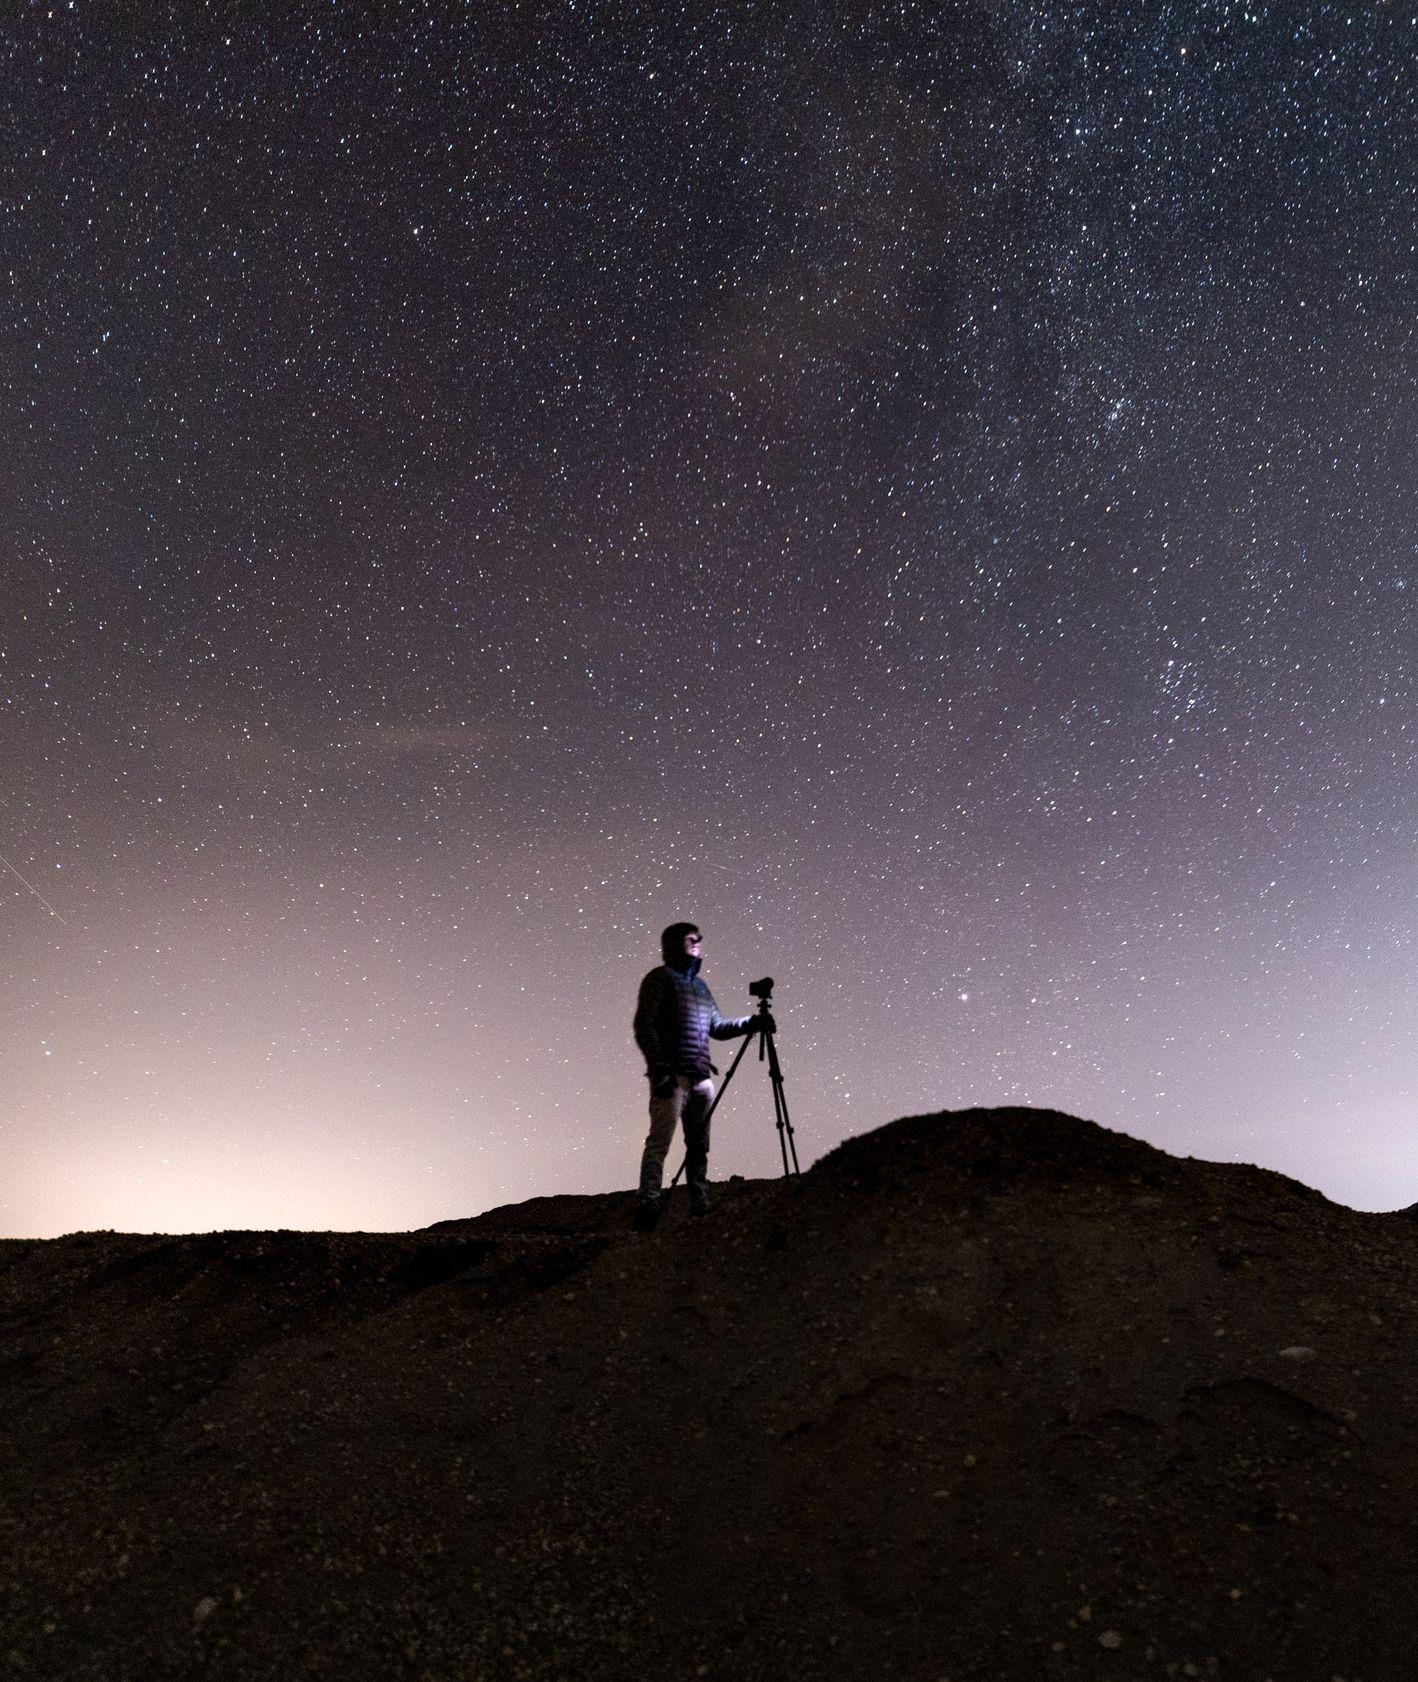 Człowiek z aparatem na tle gwiazd w górach (fot. Vincent Ledvina / unsplash)